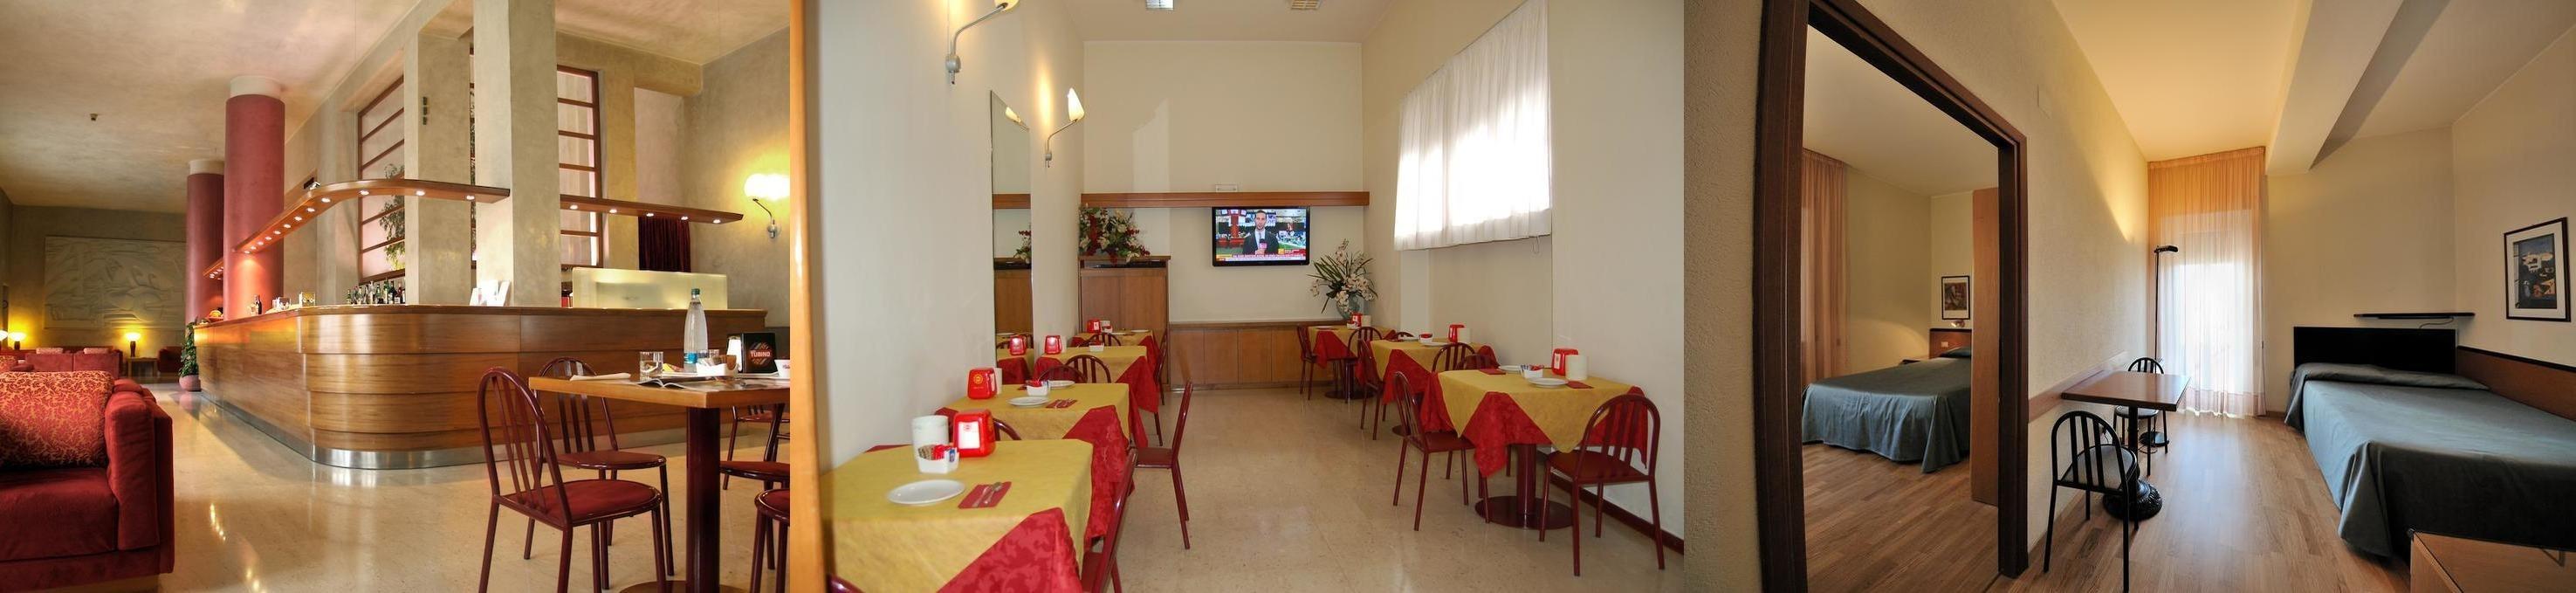 Hotel Nuova Grosseto